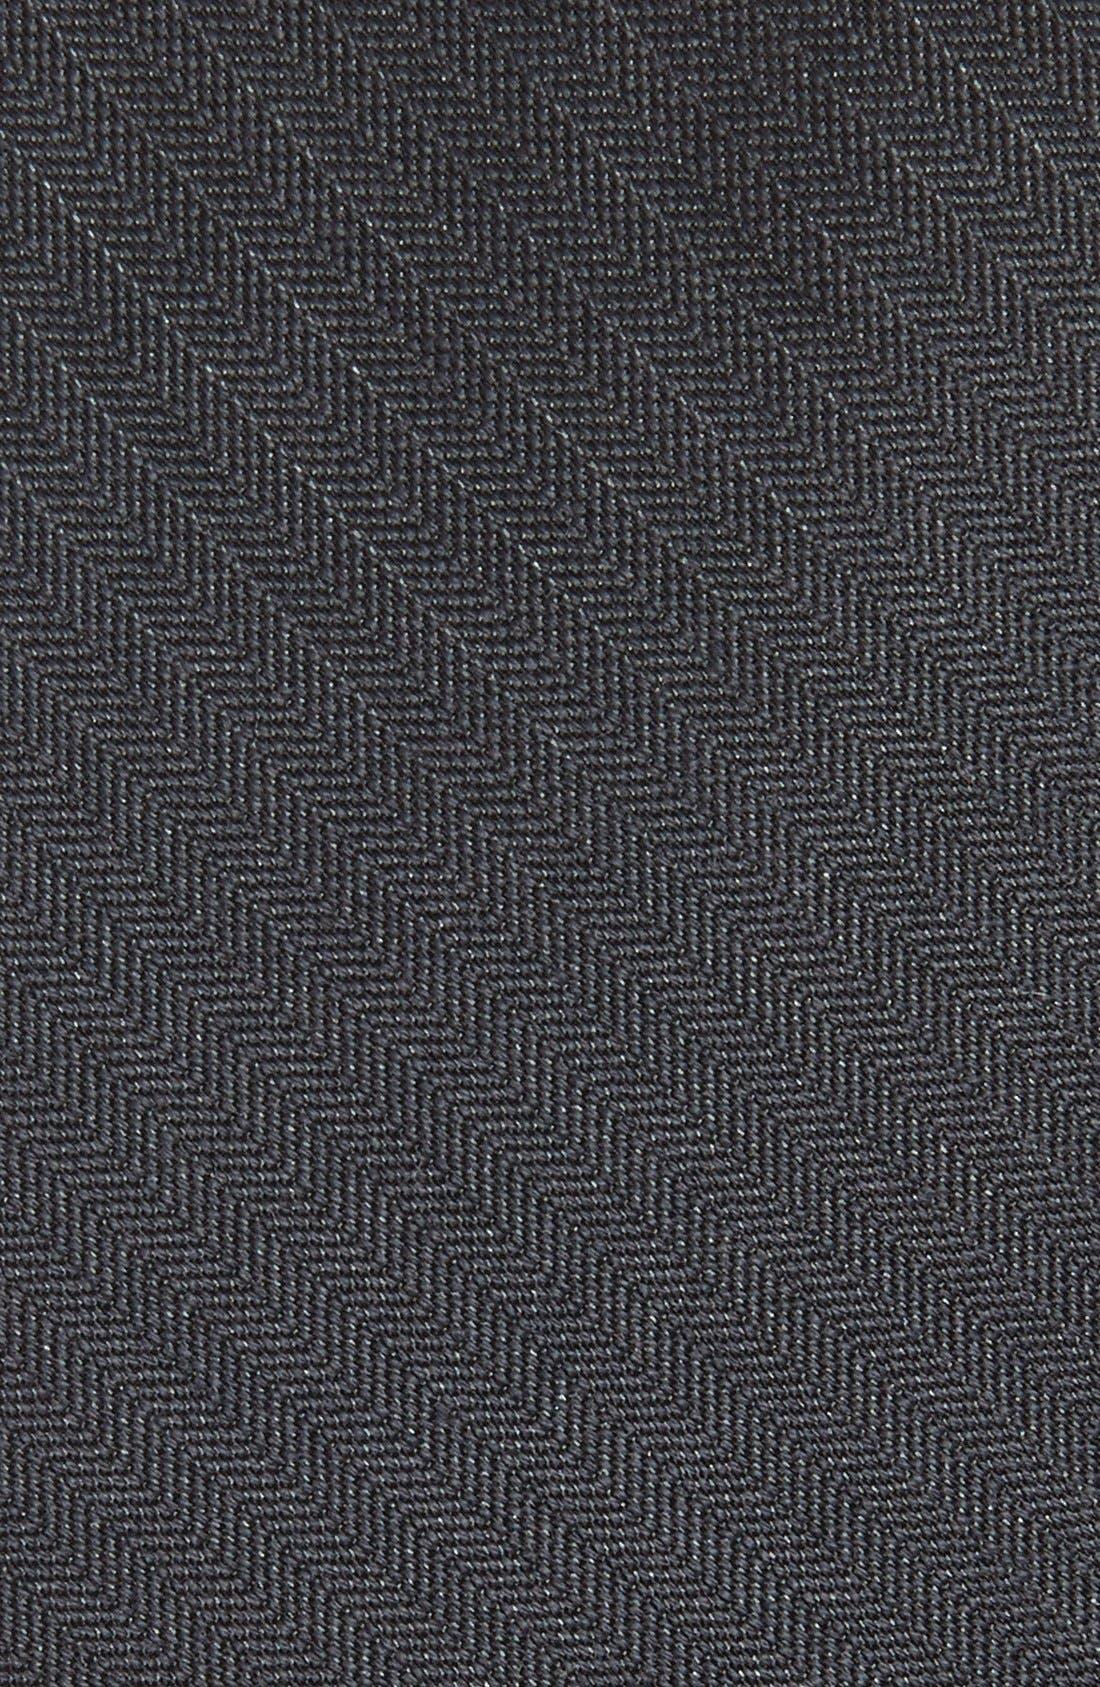 Alternate Image 2  - The Tie Bar Solid Wool & Silk Tie